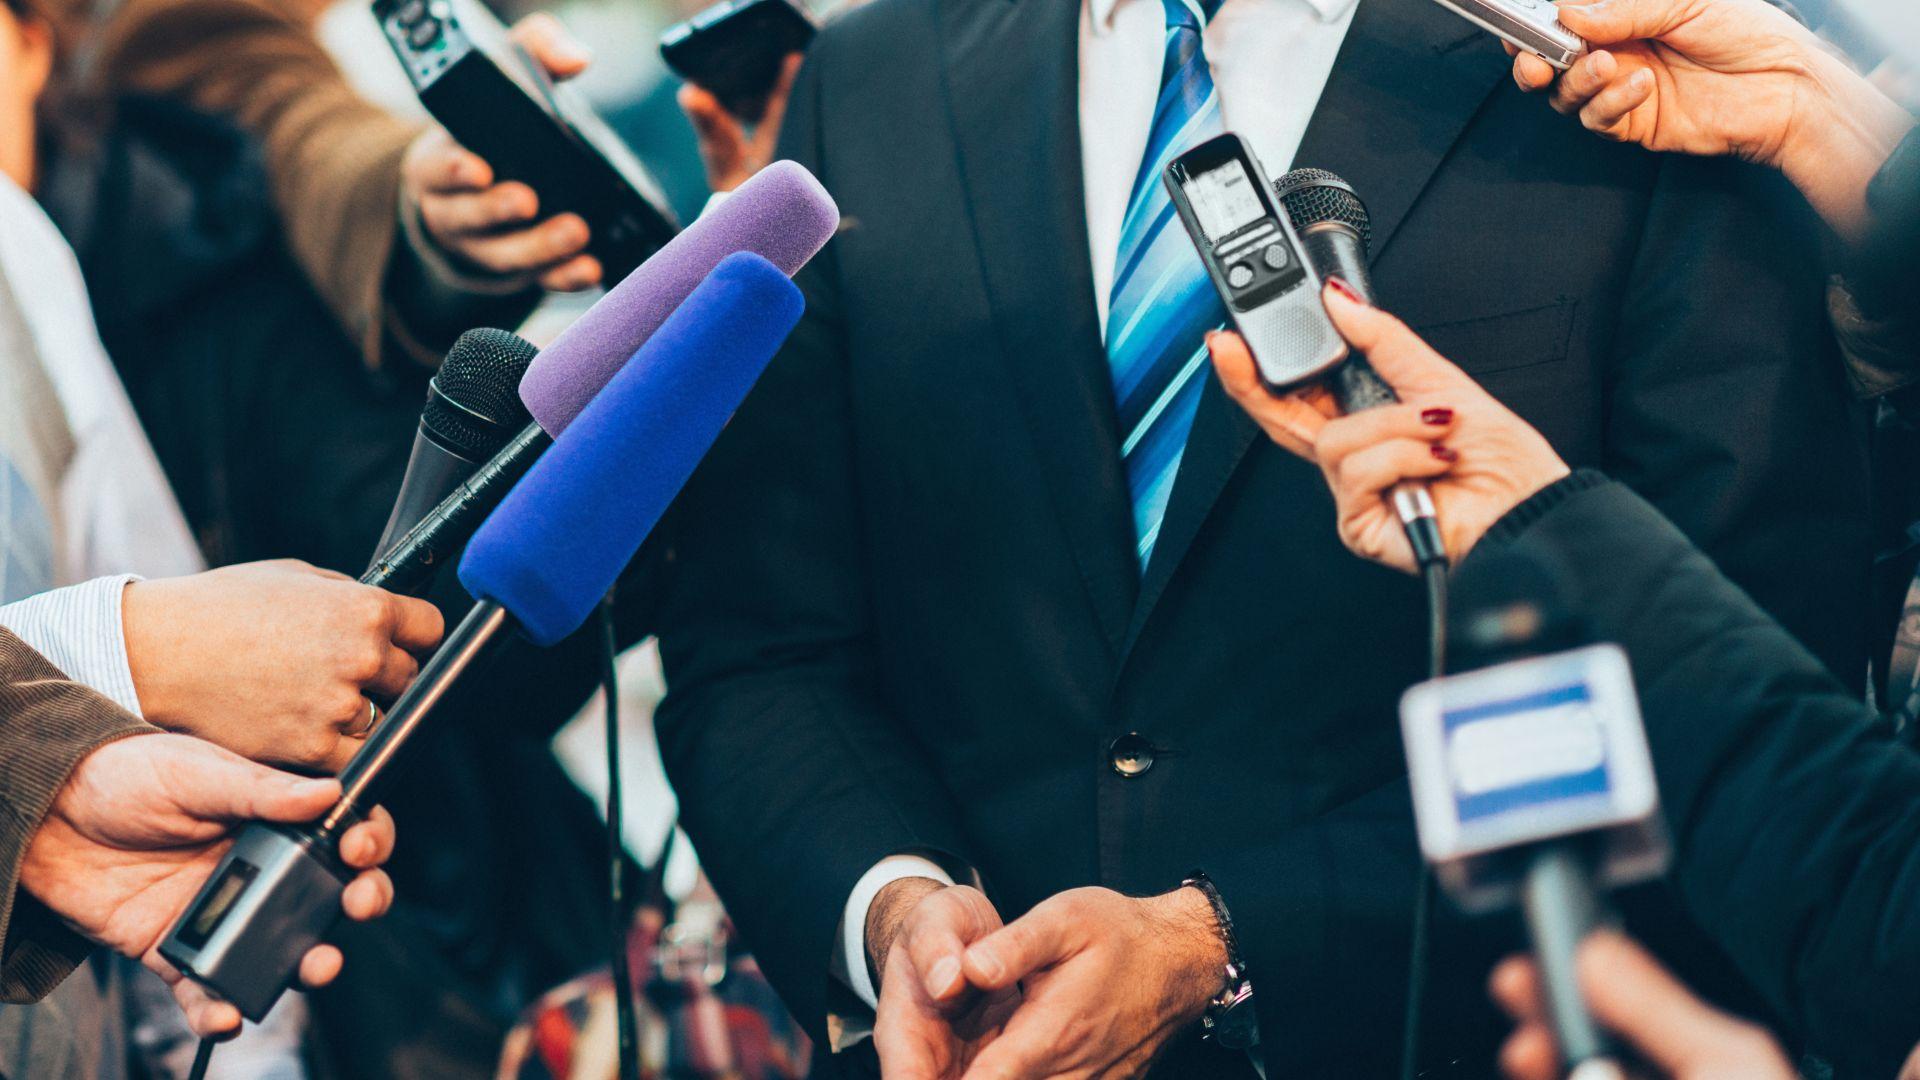 Уволниха журналист от Анадолската агенция след задаване на неудобен въпрос